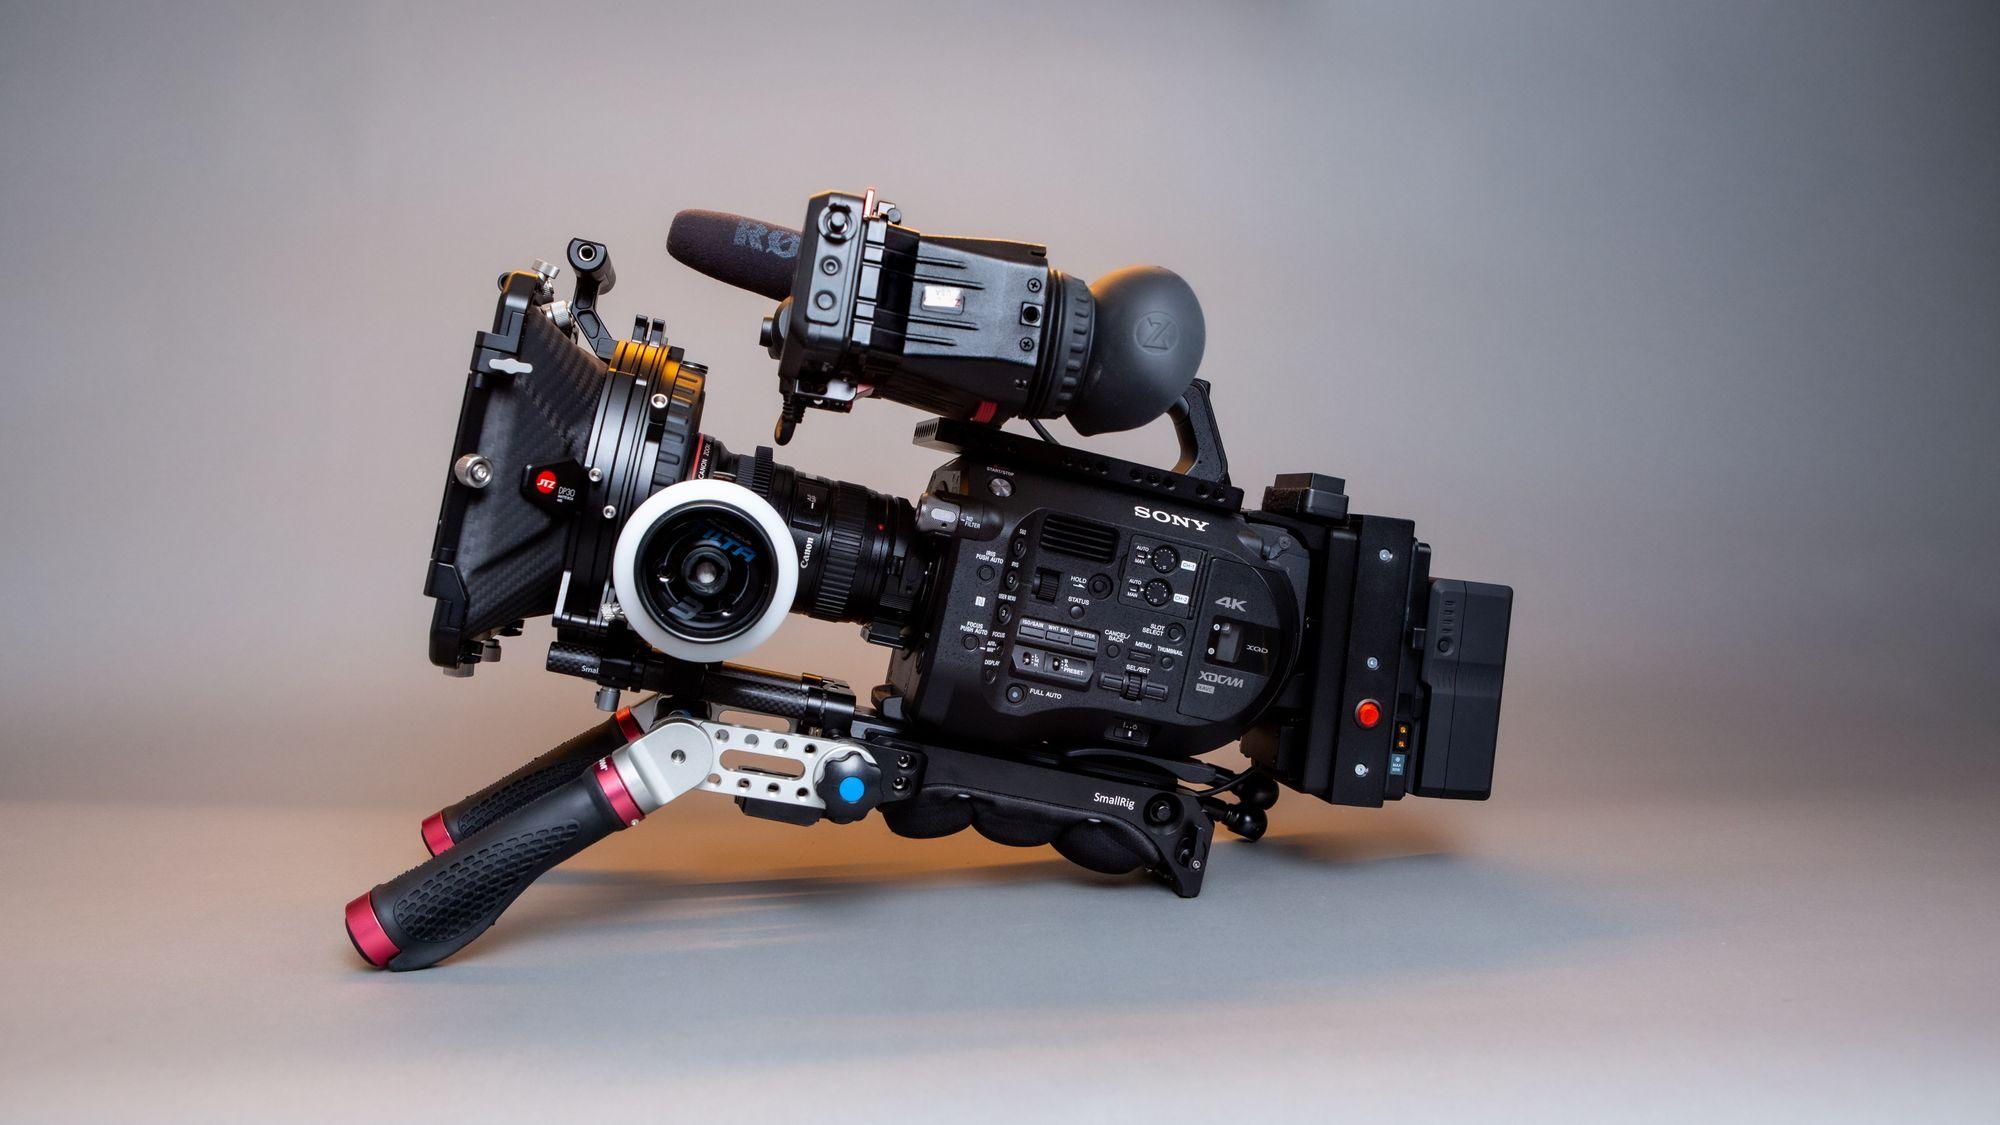 Find a suitable camera setup